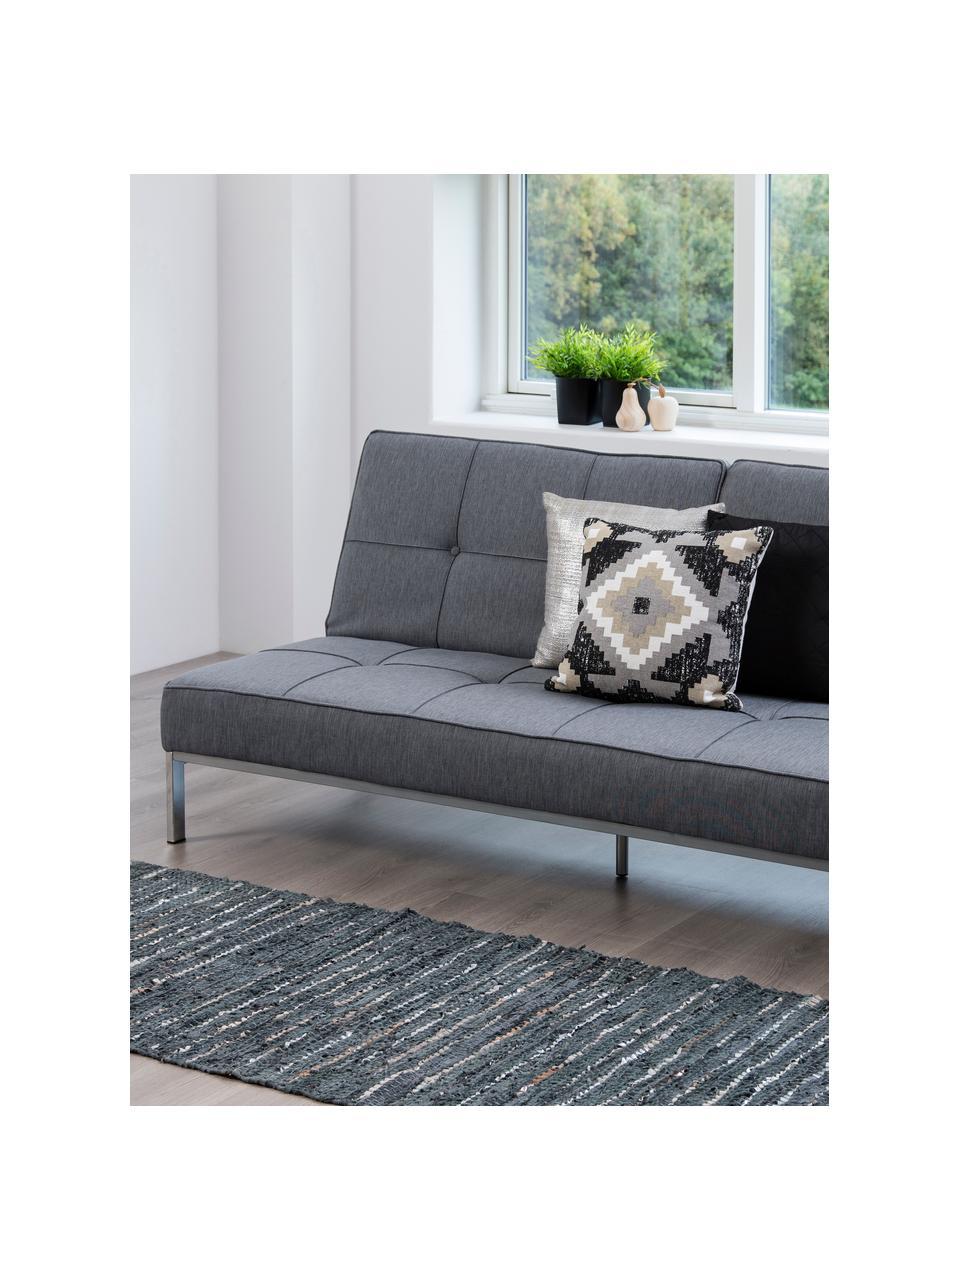 Slaapbank Perugia in grijs met metalen poten, uitklapbaar, Bekleding: polyester, Poten: gelakt metaal, Lichtgrijs, B 198 x D 95 cm